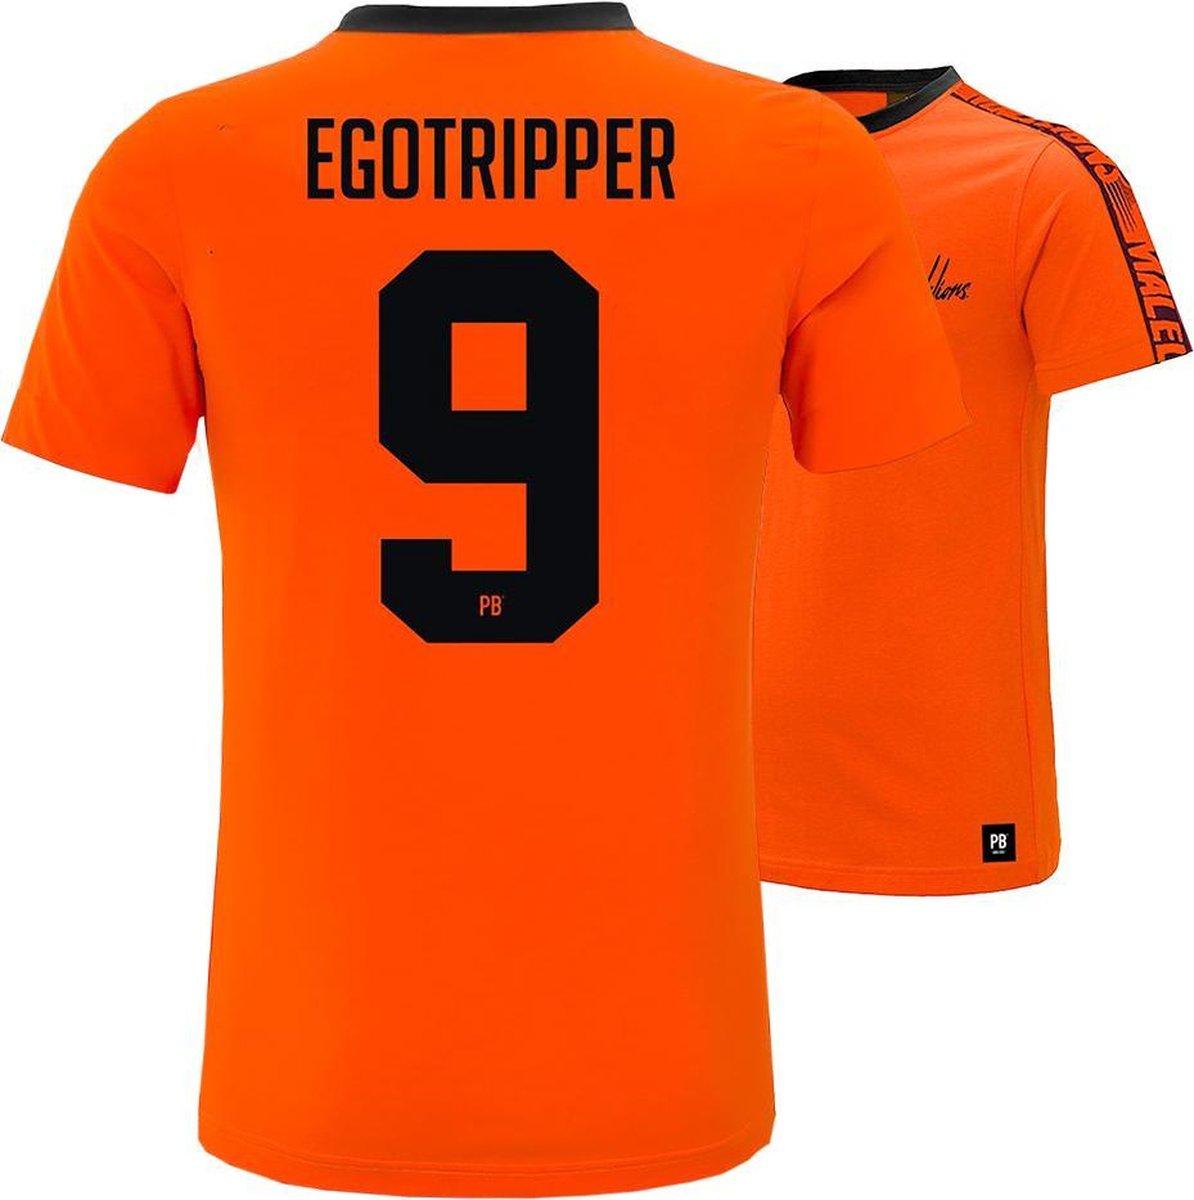 PB x Malelions - 9. Egotripper   Maat M   Oranje T-shirt   EK voetbal 2021   Heren en dames